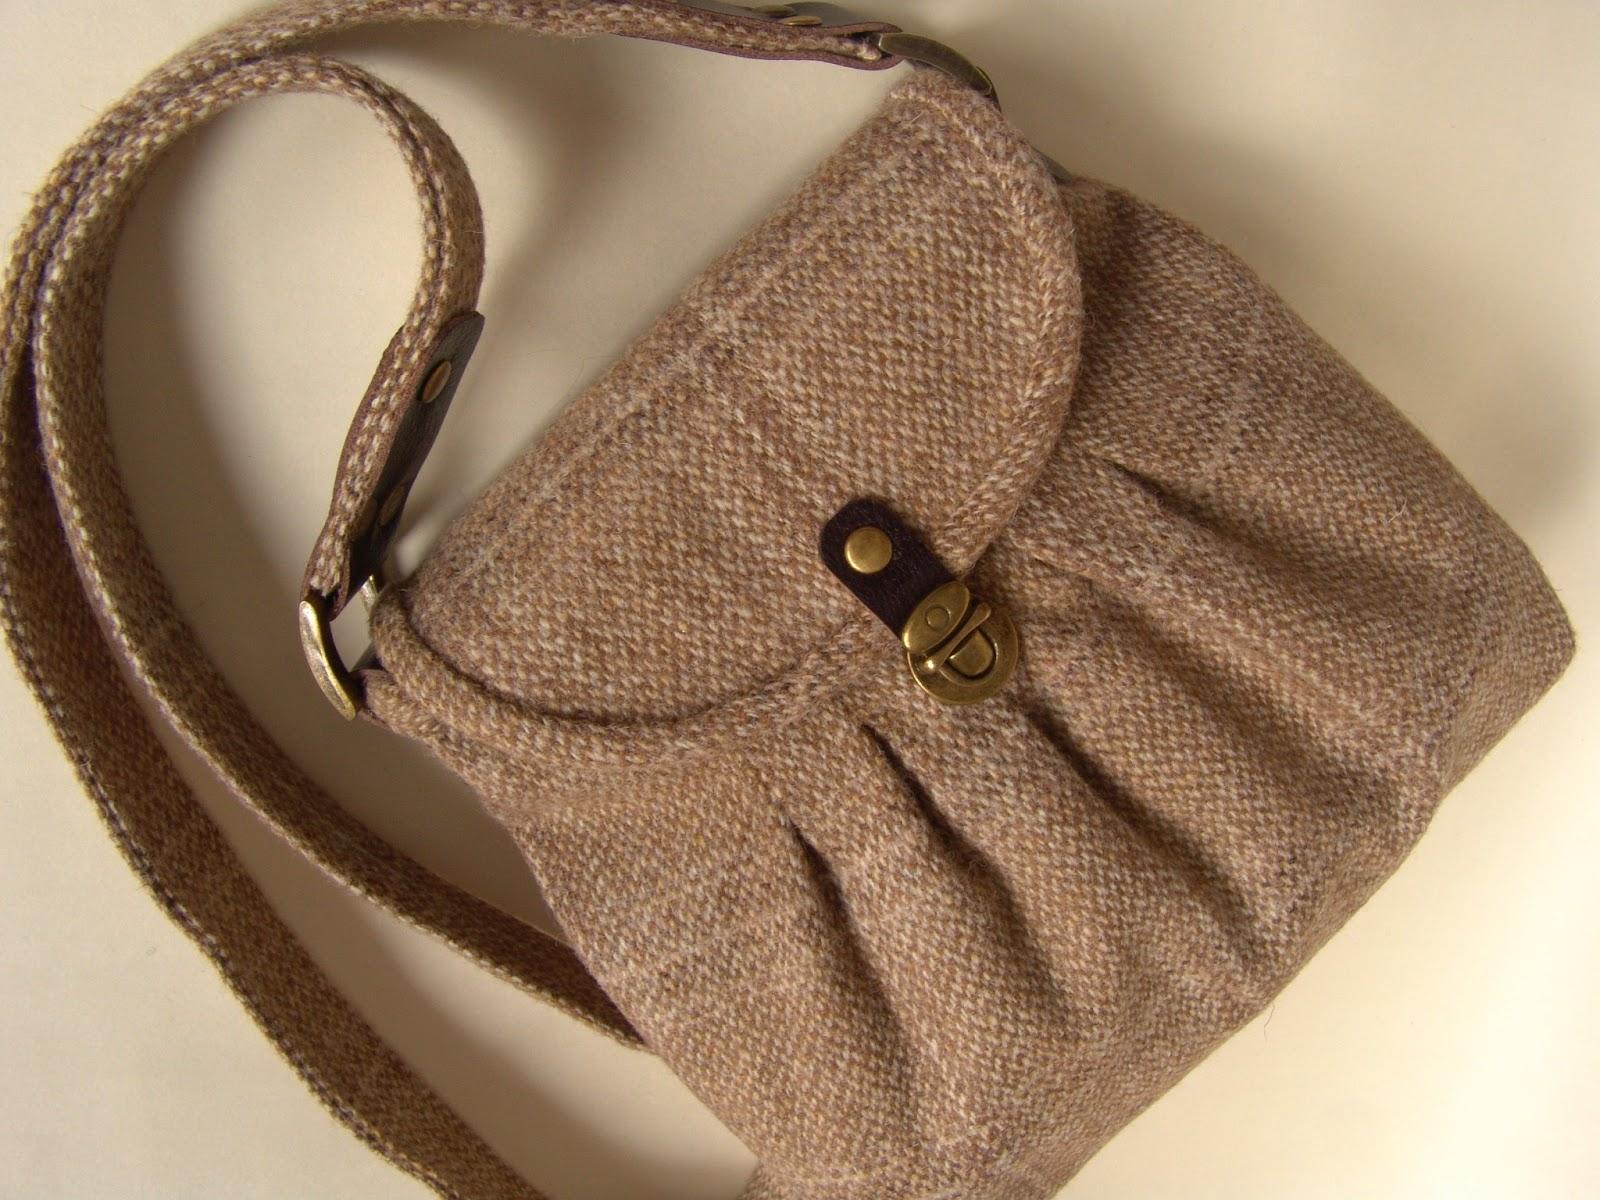 eaccbf3b8884 «Летняя сумка своими руками » — карточка пользователя tihon4eva в  Яндекс.Коллекциях